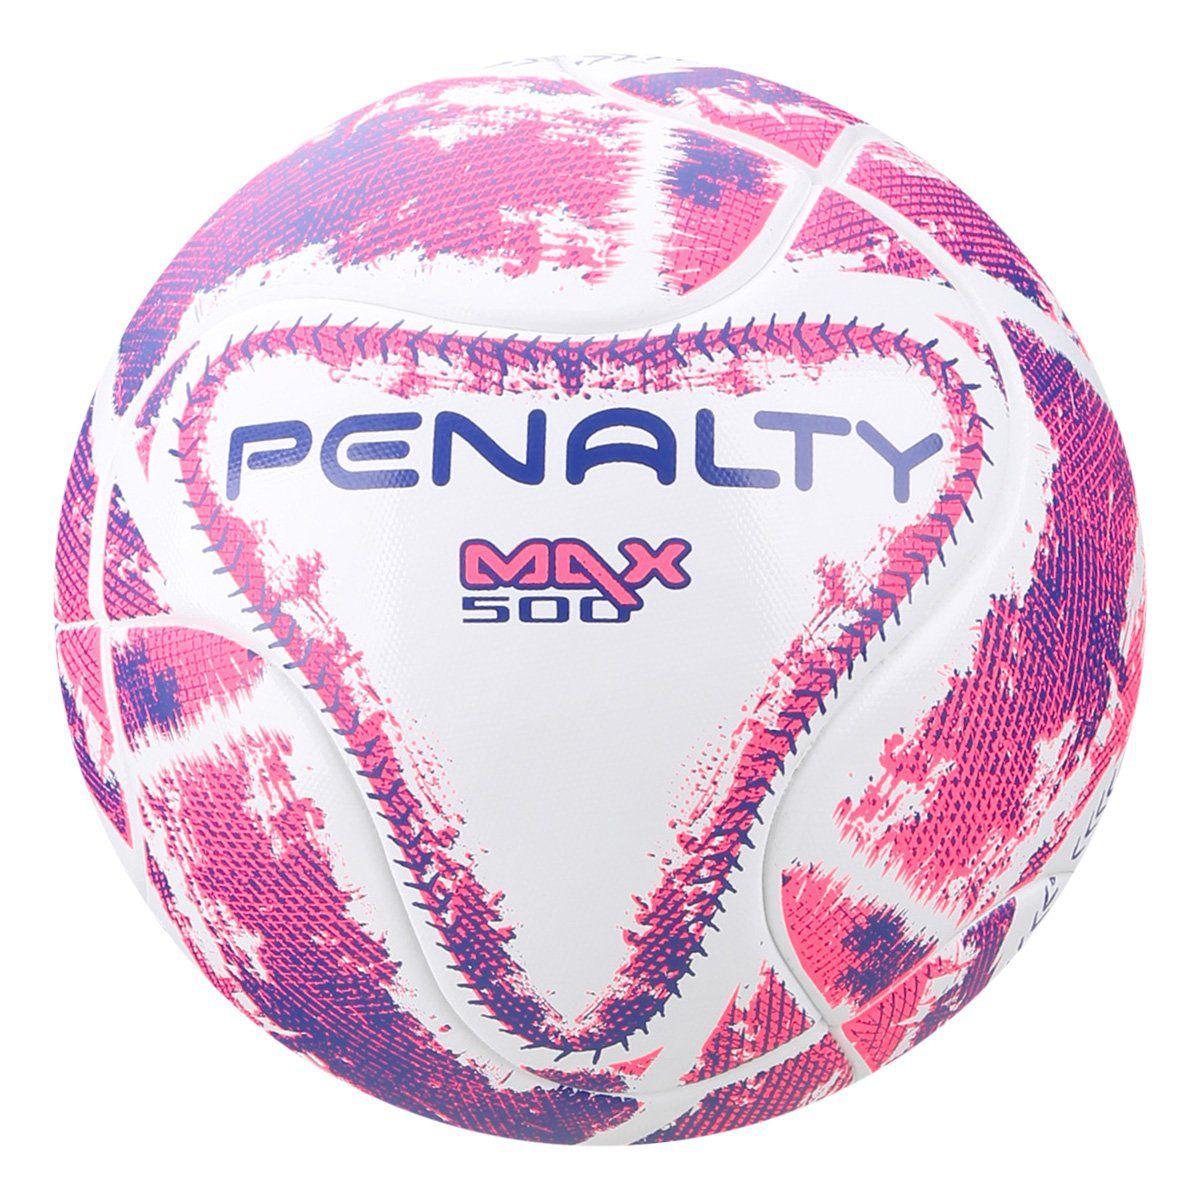 Bola Futsal Penalty Max 500 Term LX - Branco Rosa